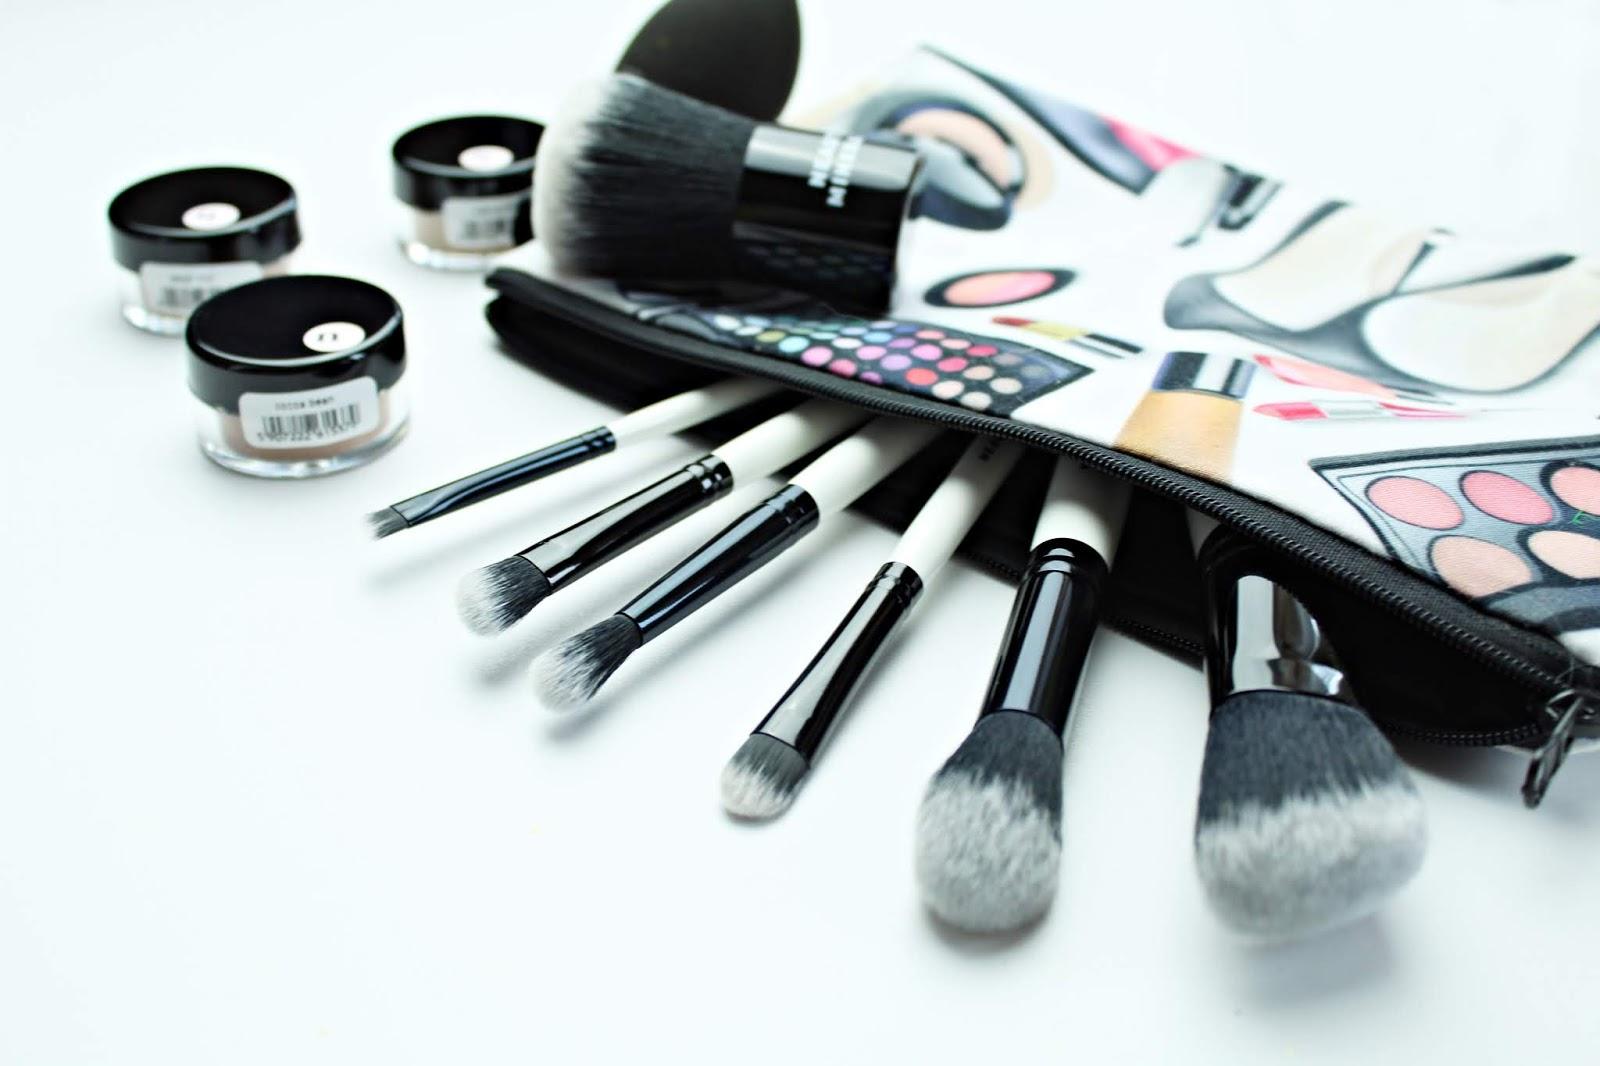 Neauty Beauty - mineralne bronzery oraz zestaw pędzli do makijażu